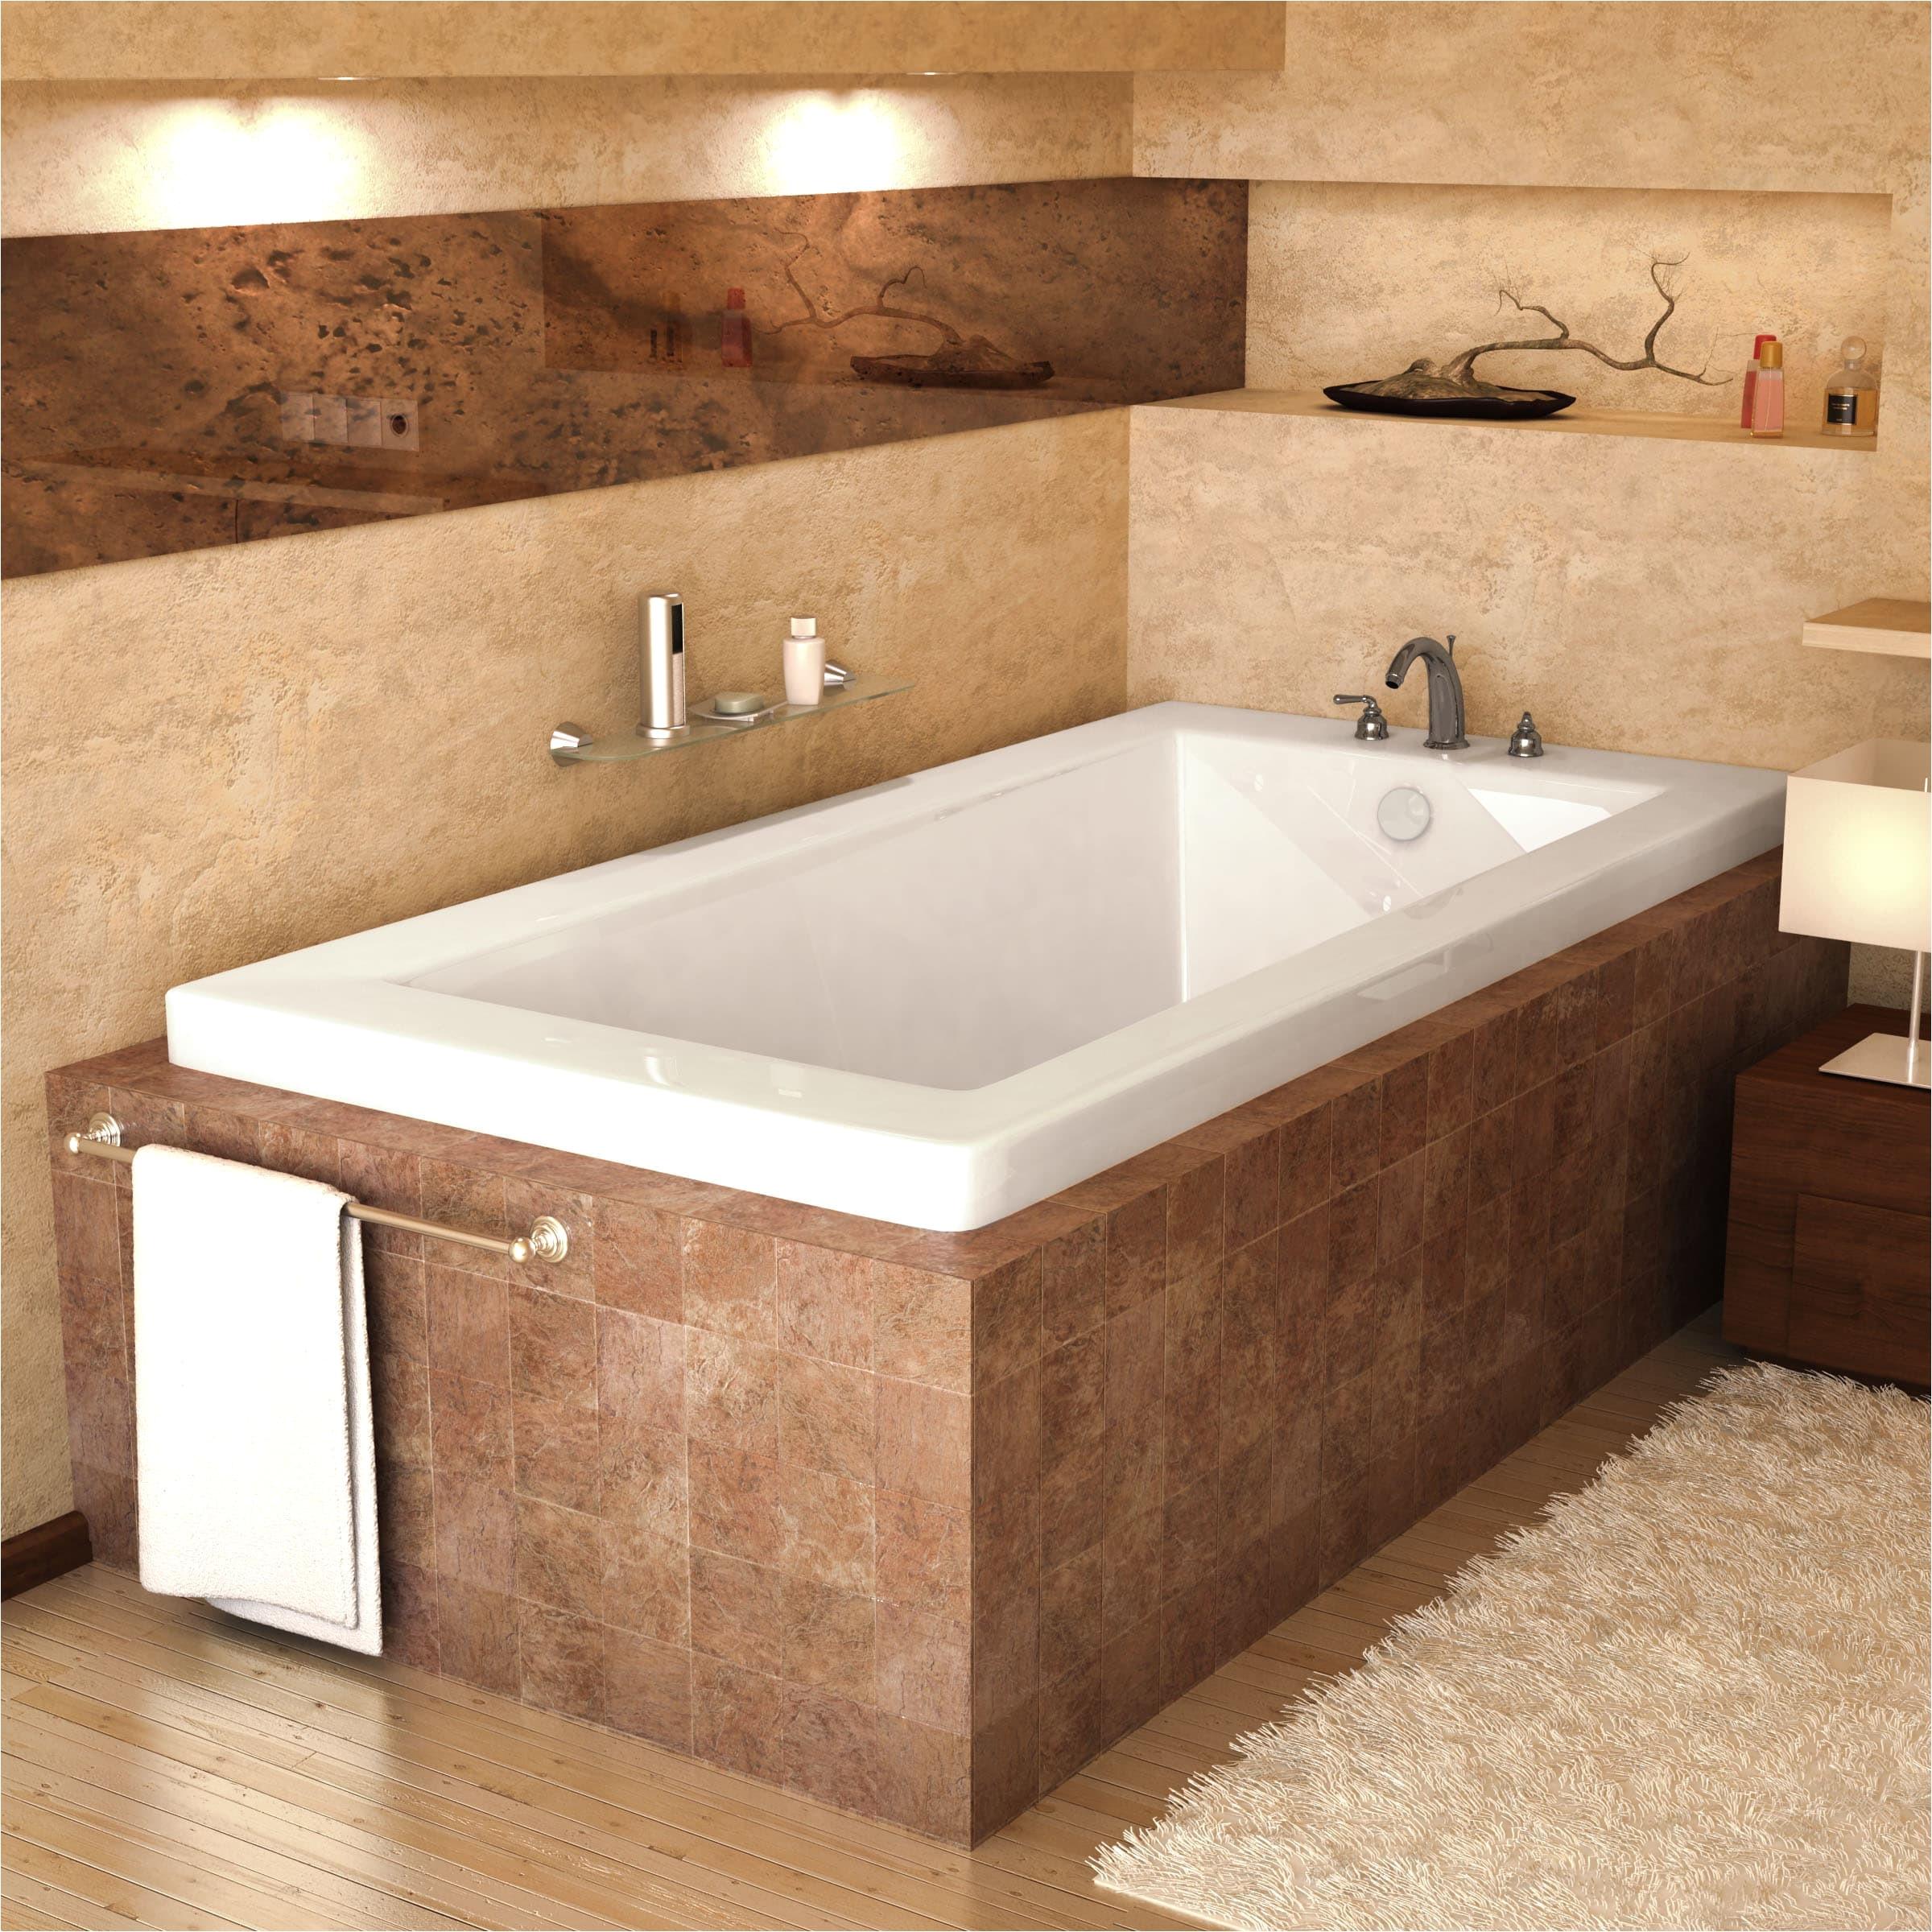 bathroom fabulius white acrylic 54x27 tub for modern bathroom decor